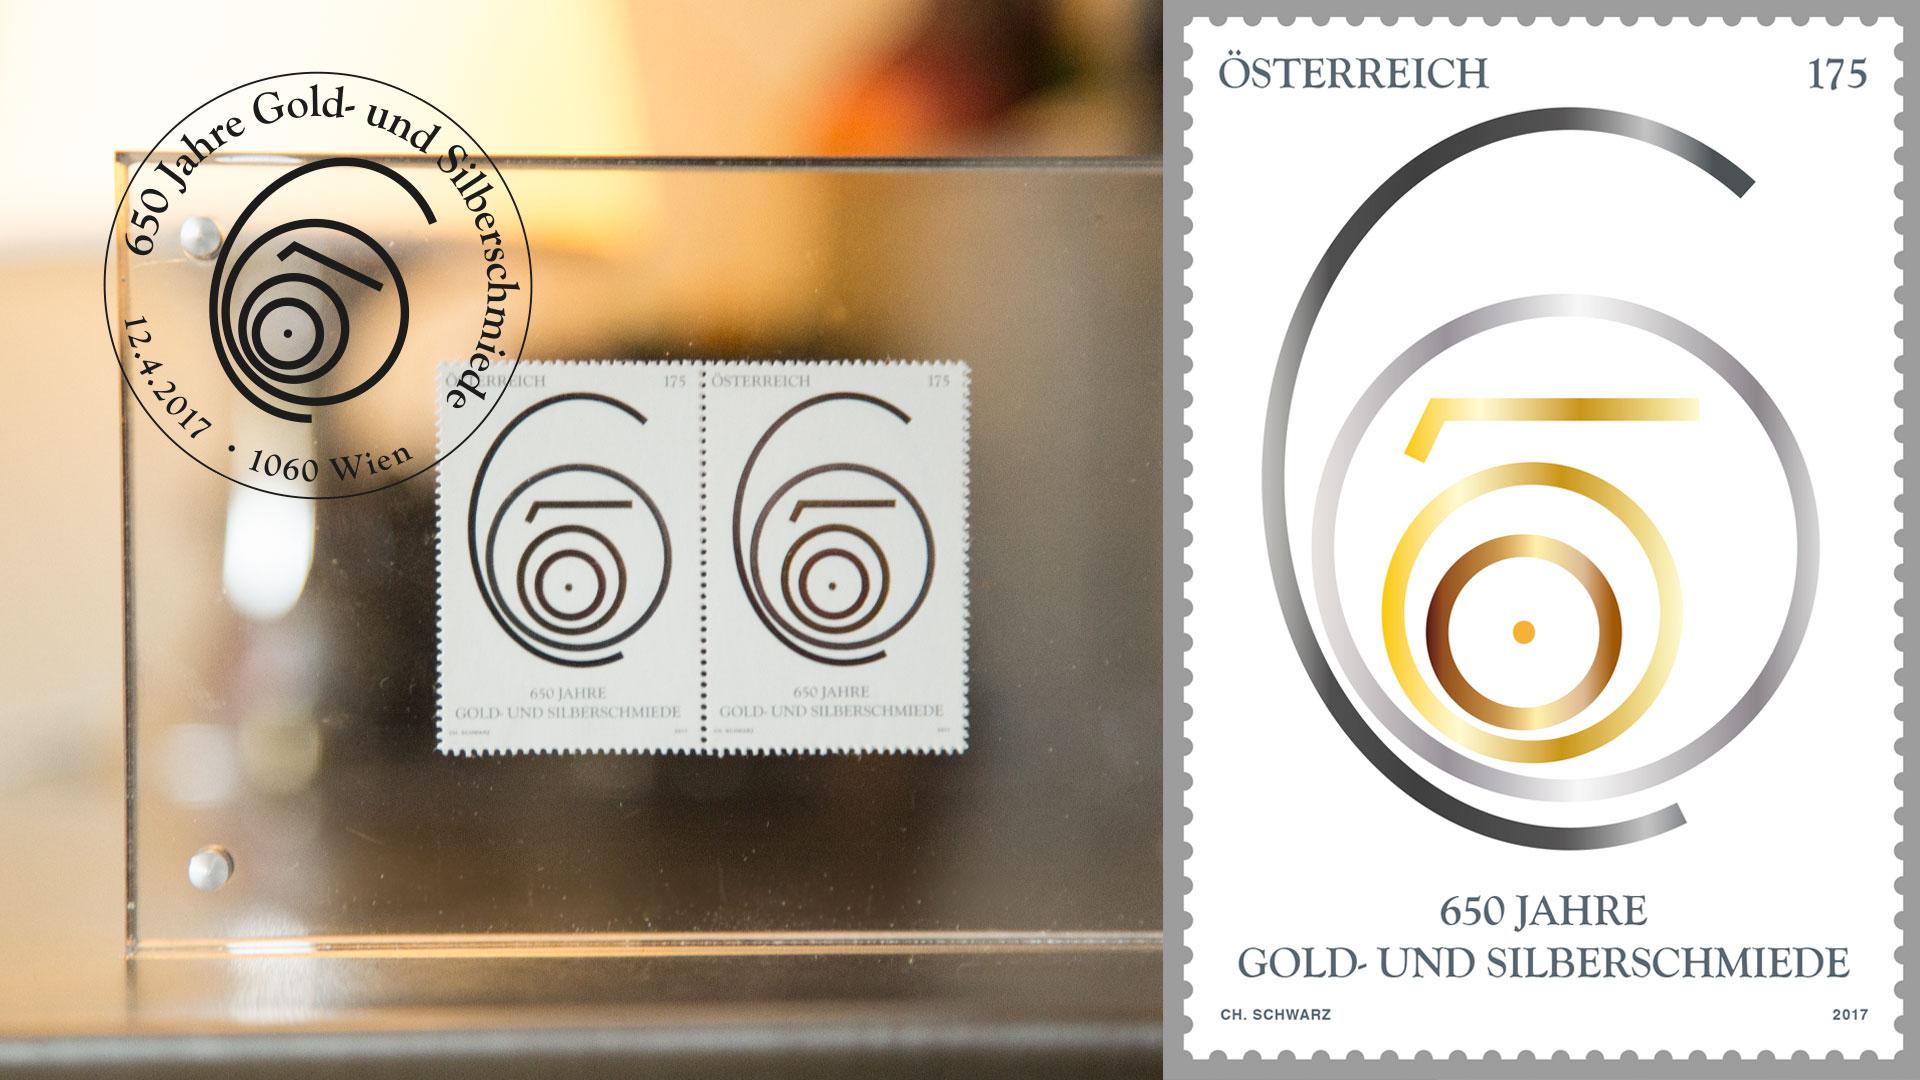 Die Jubiläumsbriefmarke der 650 Jahre Gold- und Silberschmiede